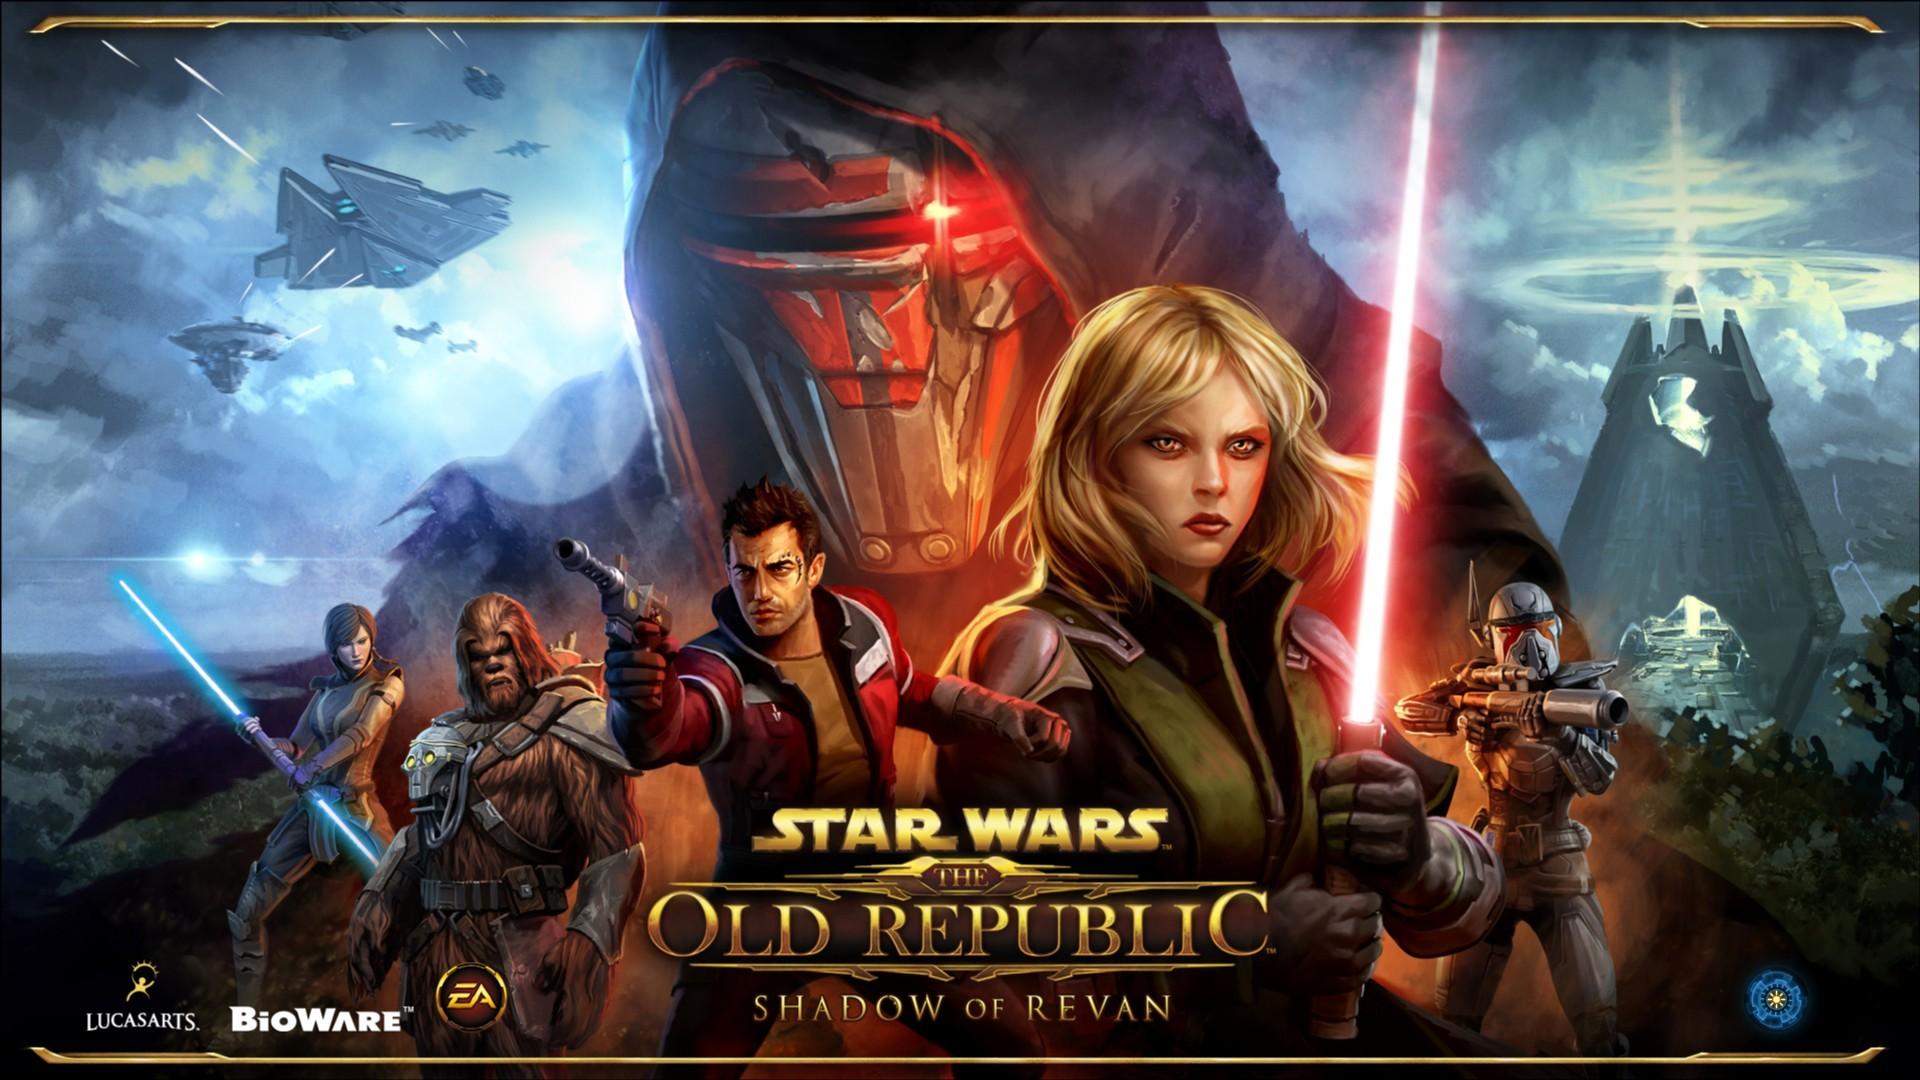 Star Wars: The Old Republic Full HD Wallpaper 1920×1080